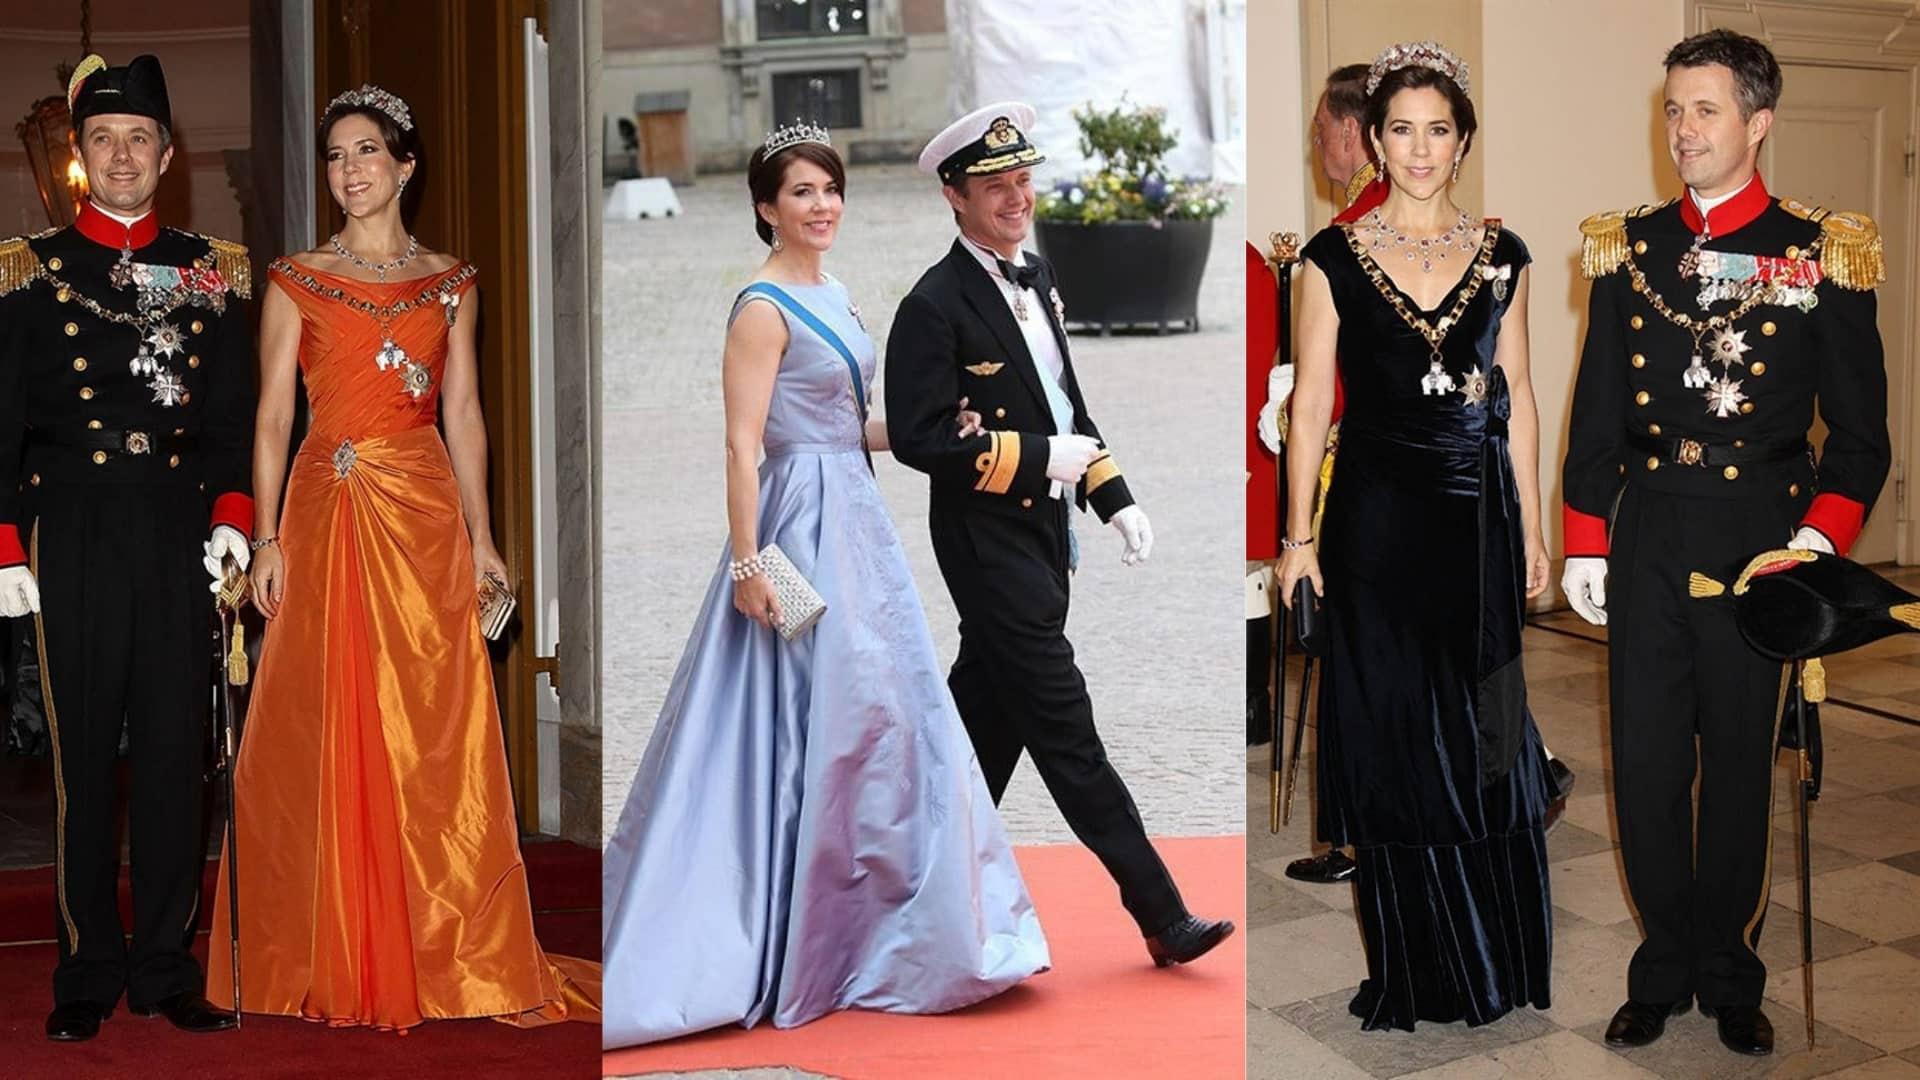 Gọi tên những biểu tượng thời trang Hoàng gia thế giới, có người mặc đẹp lấn át Công nương Kate - 5